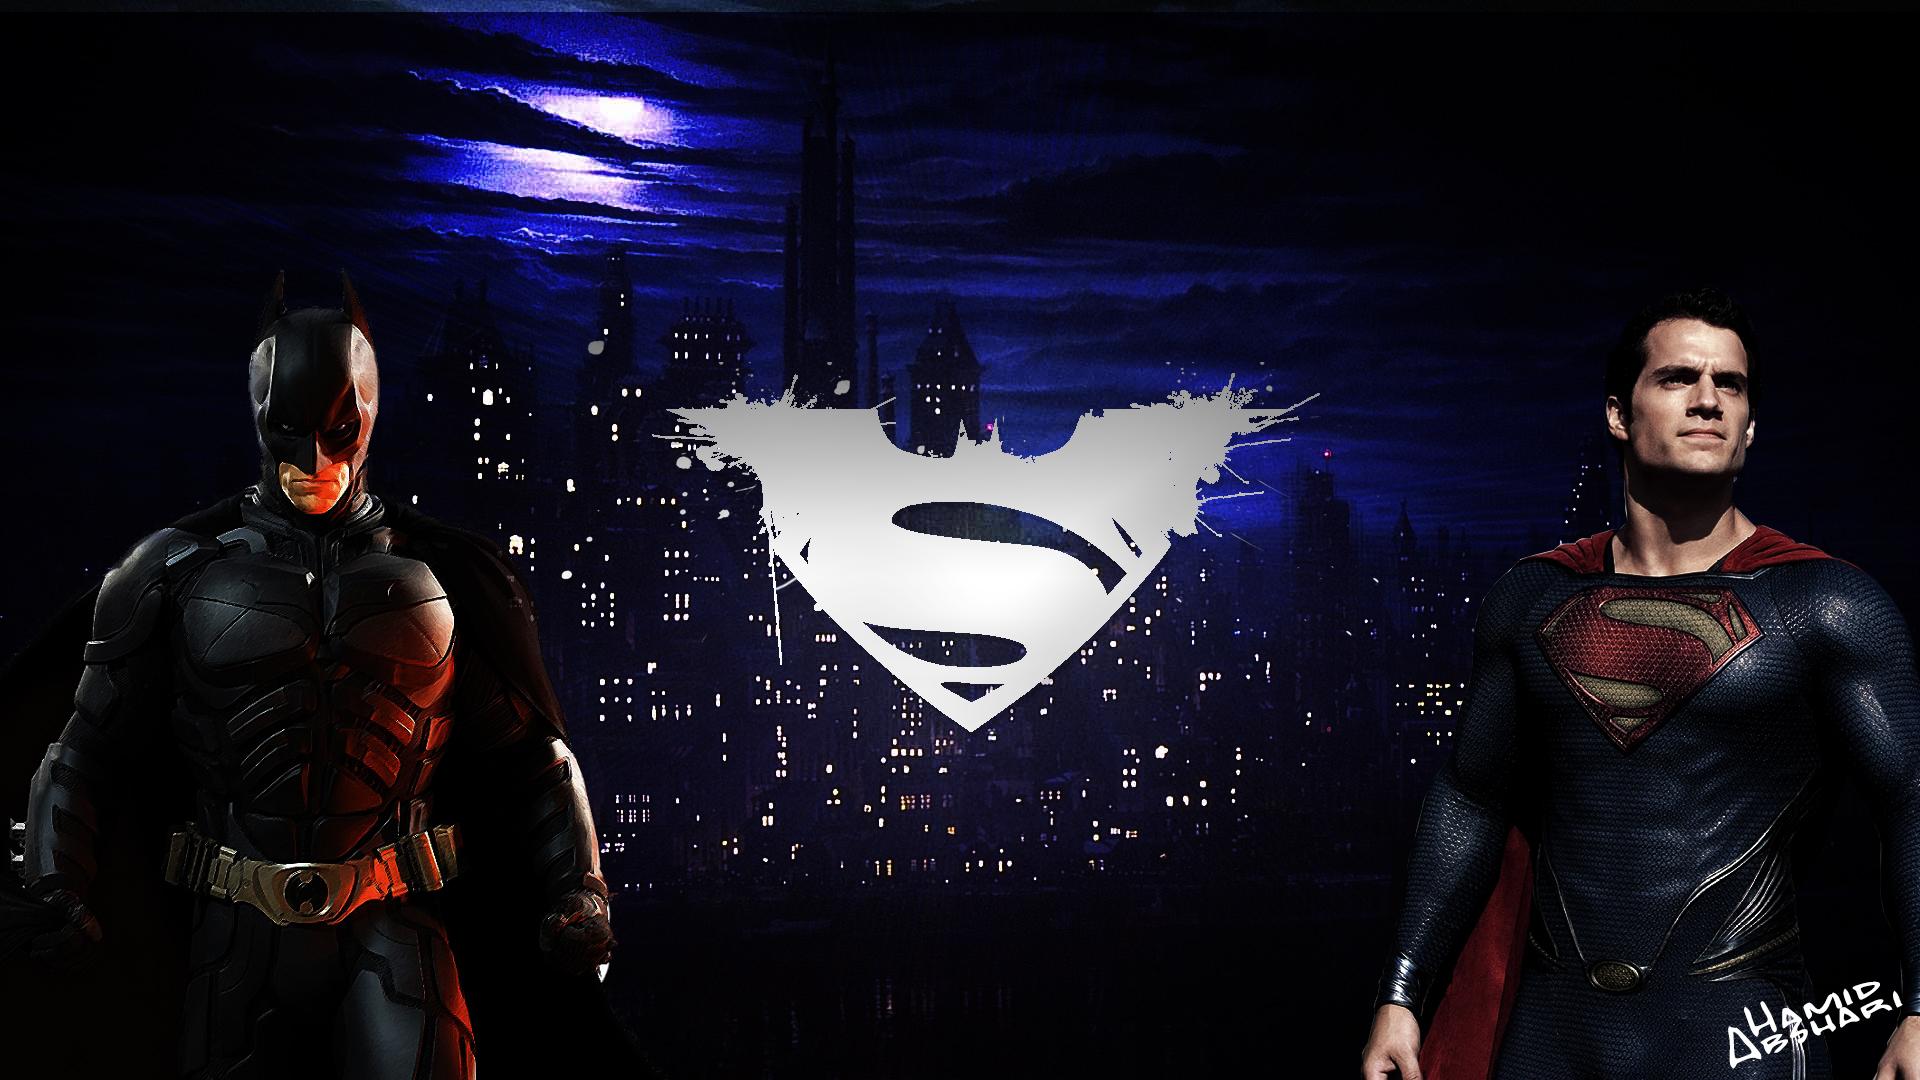 batman vs superman free download 300mb